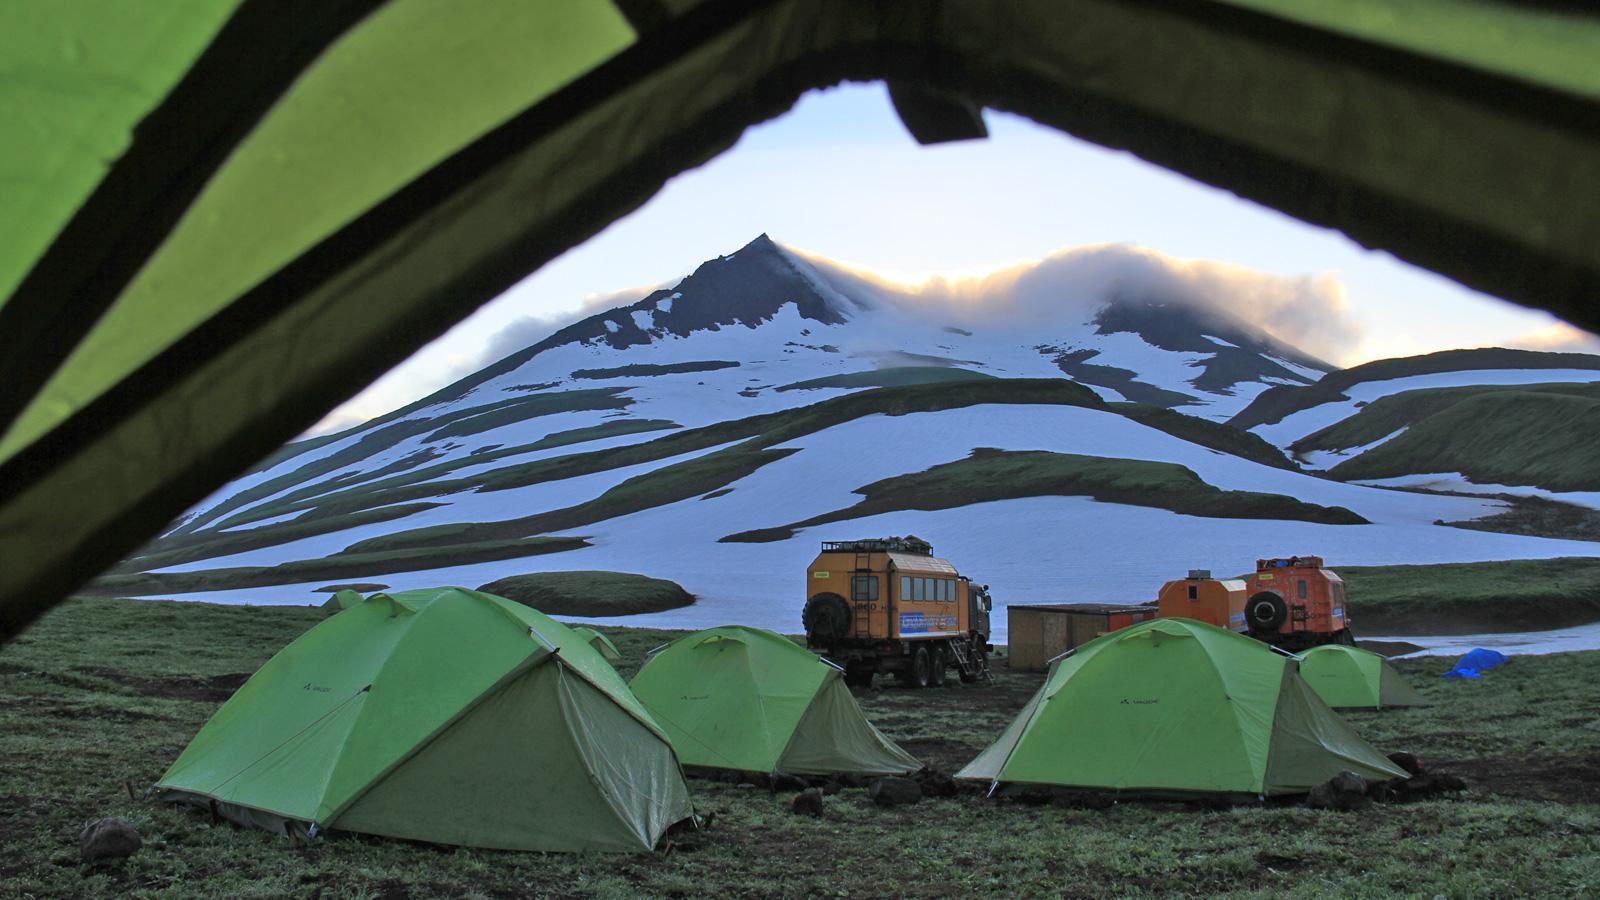 Vulkan-Trekking-auf-der-Kamtschatka-Halbinsel-Gruppenreise-traveljunkies